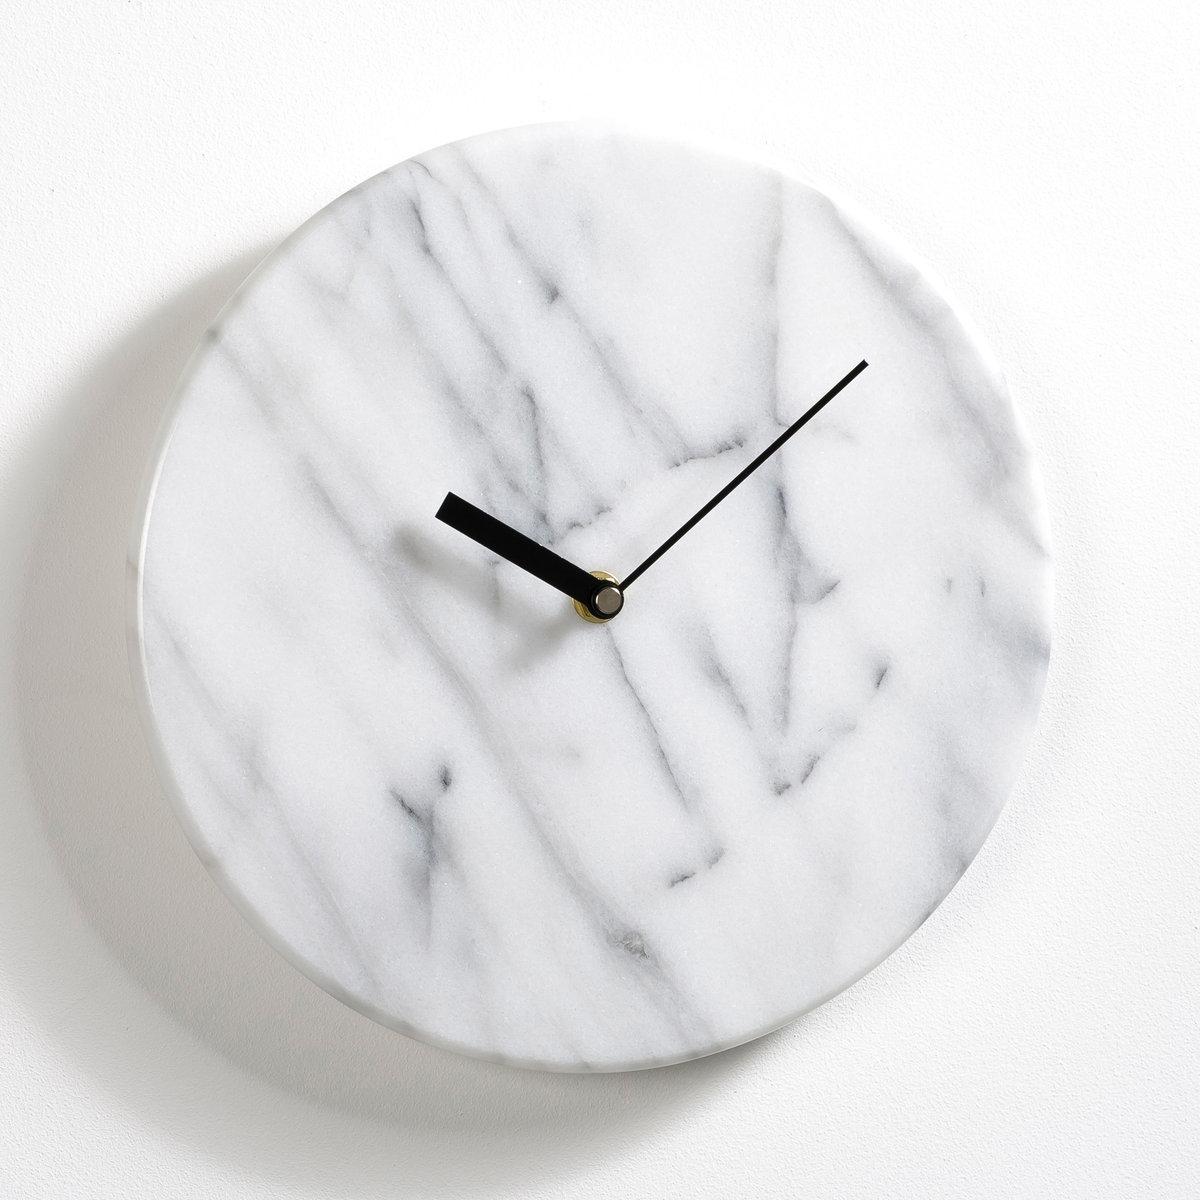 Часы настенные из мрамора ?25,4 см, Gemma<br><br>Цвет: белый мрамор